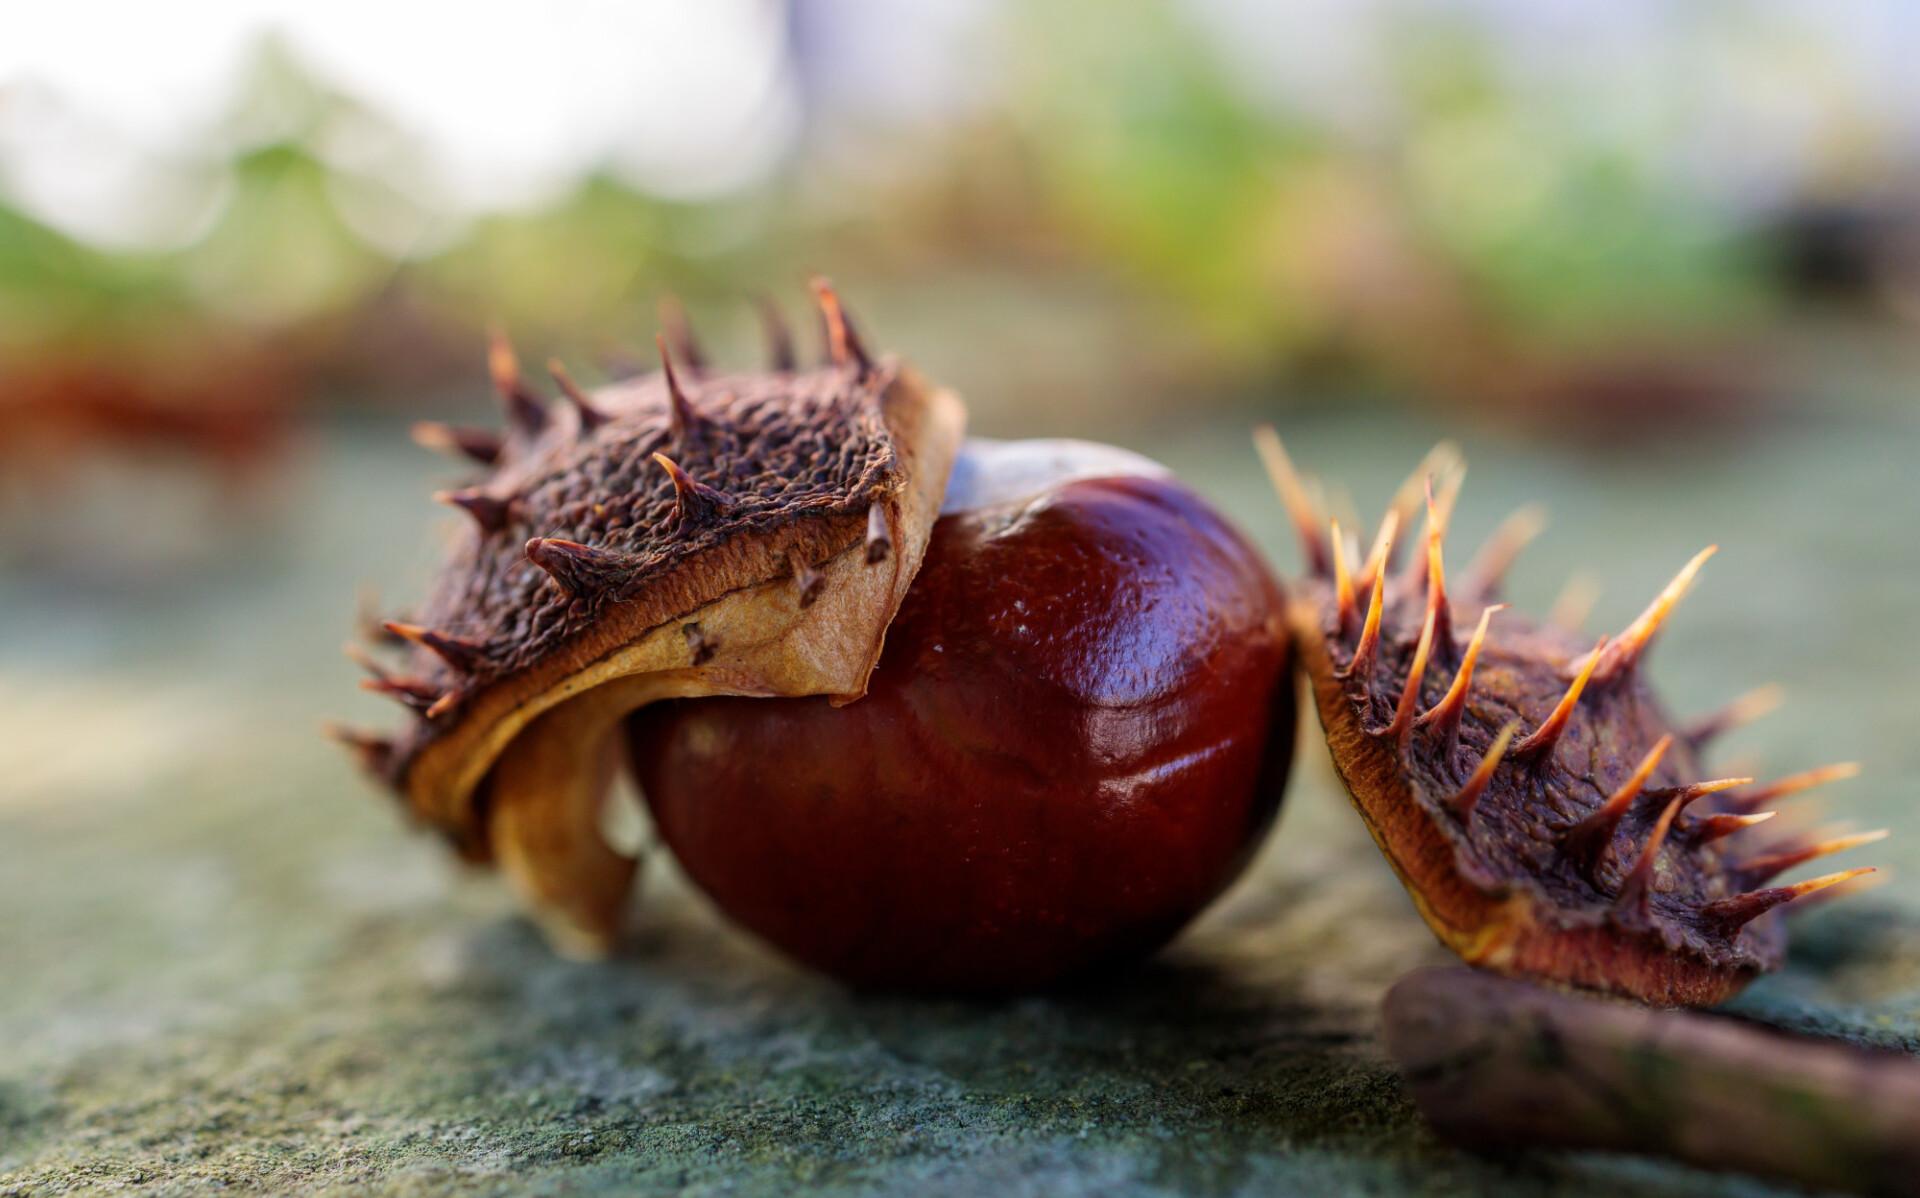 Chestnut on the ground in autumn